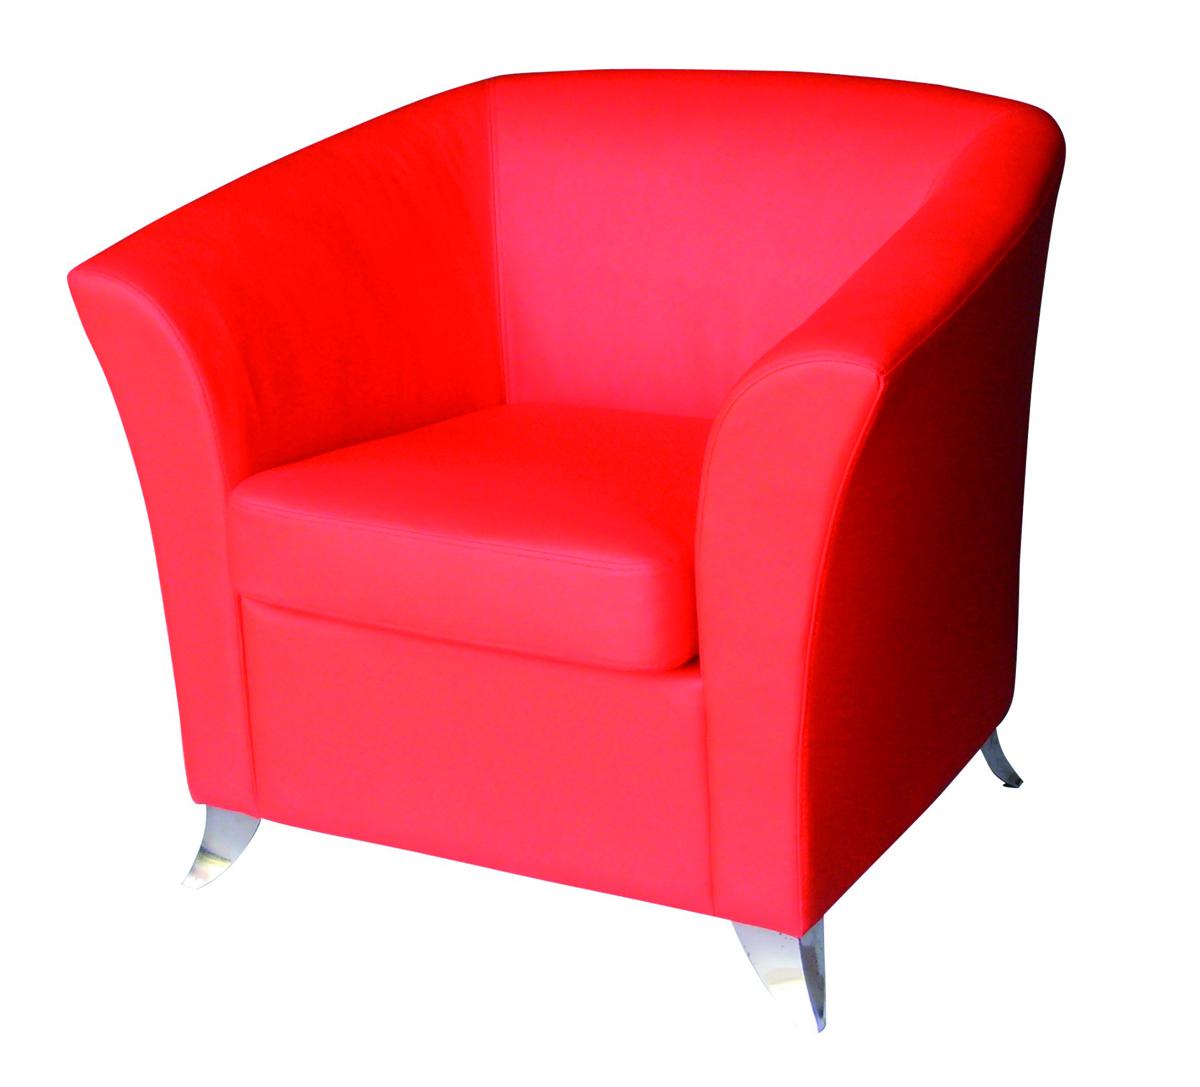 Fauteuil salon contemporain des id es novatrices sur la conception et le mobilier de maison for Fauteuil salon contemporain